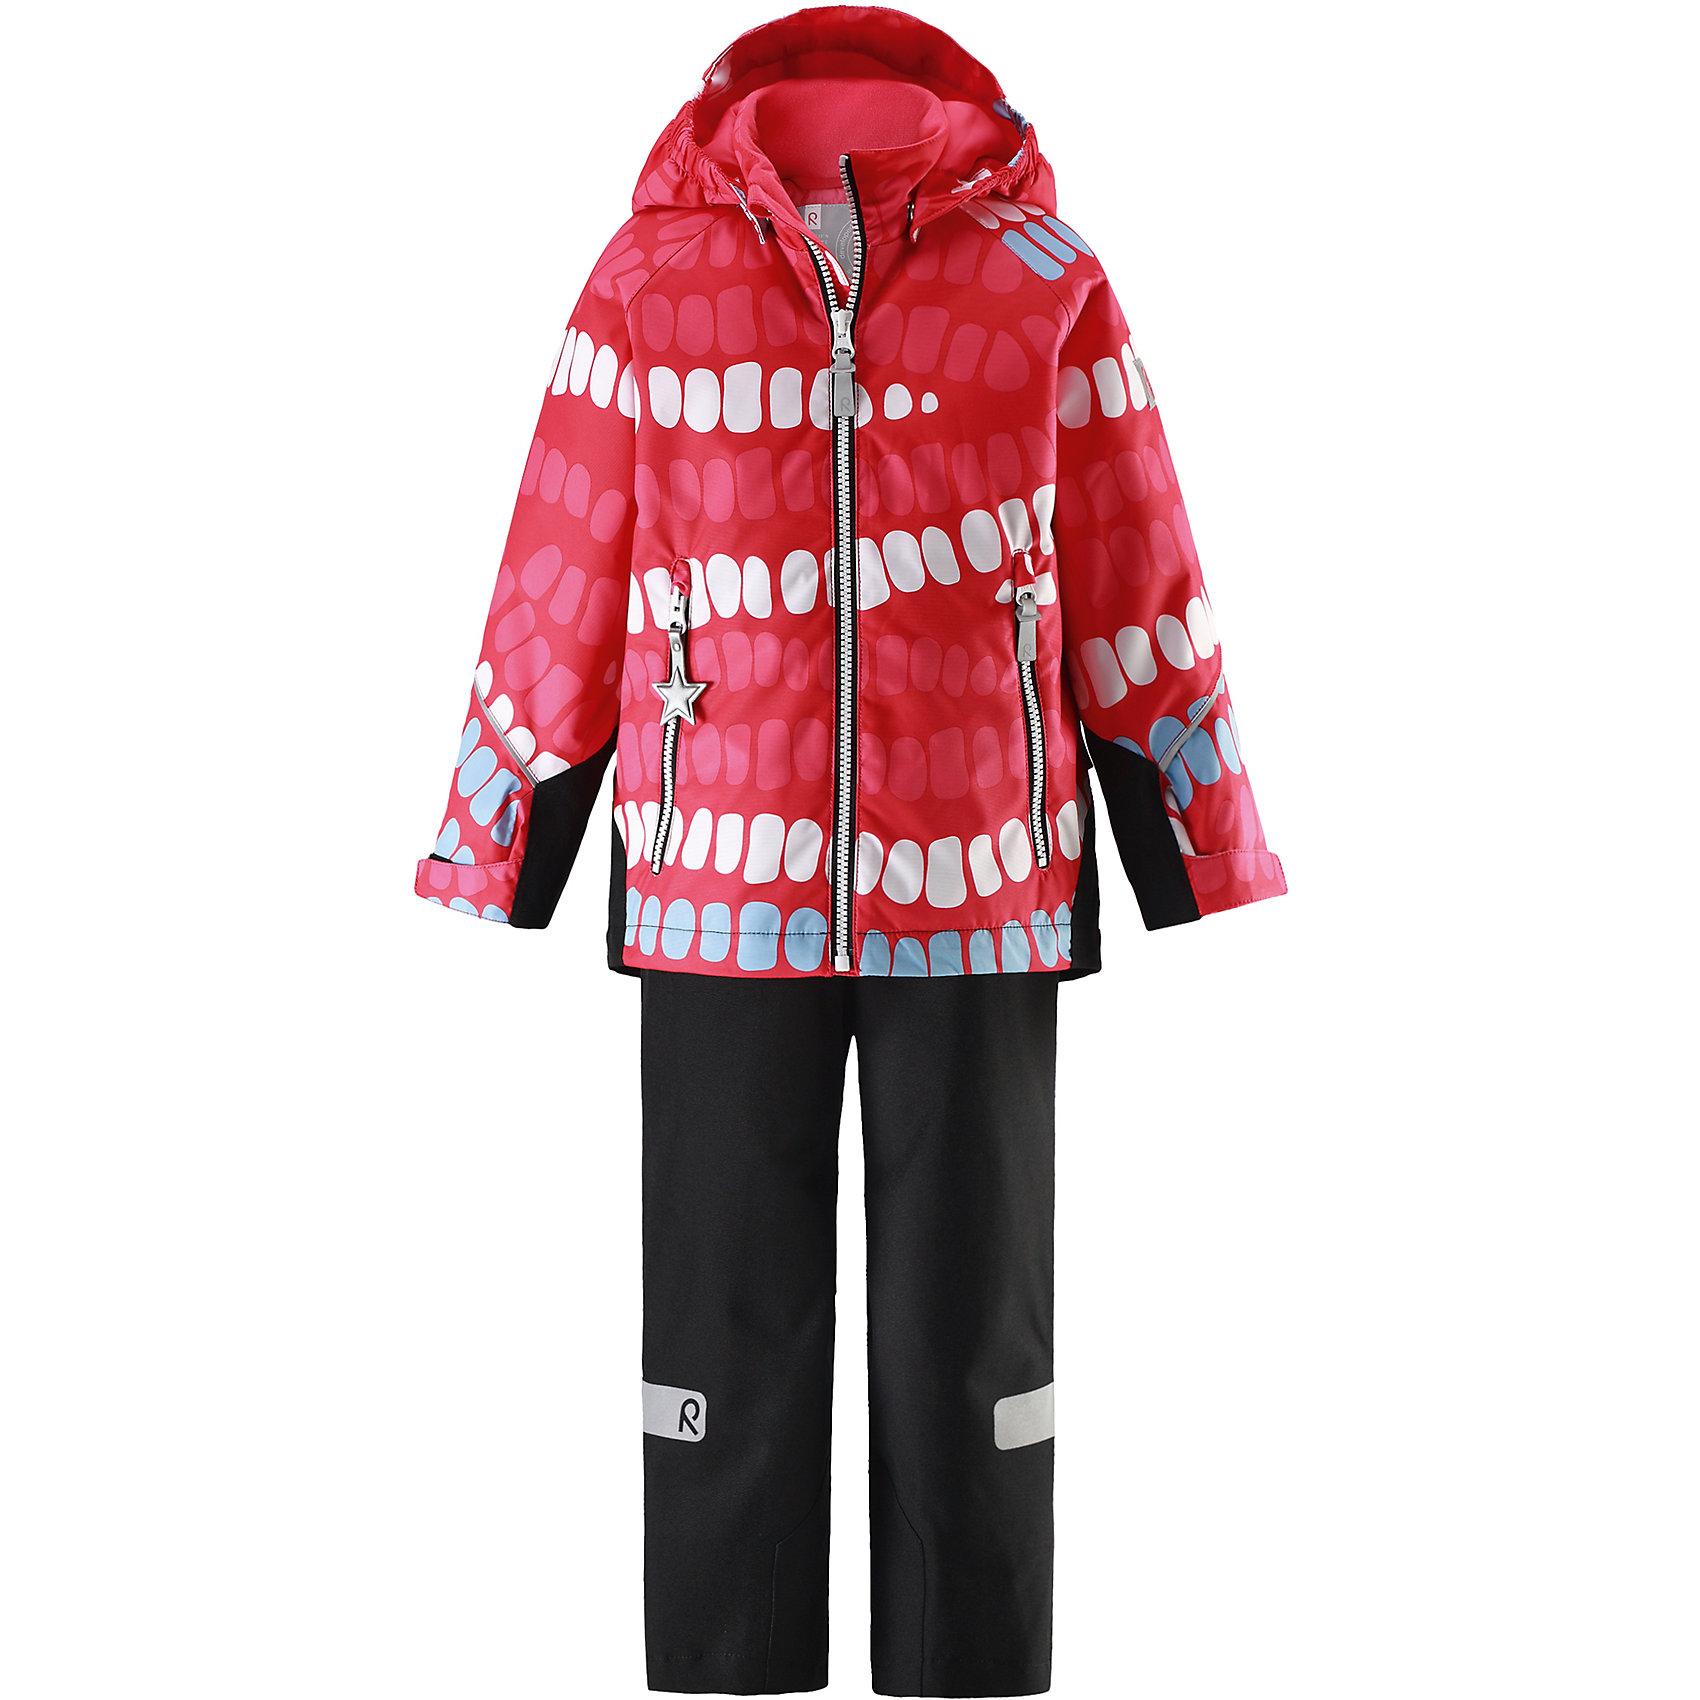 Комплект Kiddo Segel: куртка и брюки для девочки Reimatec® ReimaОдежда<br>Характеристики товара:<br><br>• цвет: красный/черный<br>• состав: 100% полиэстер, полиуретановое покрытие<br>• температурный режим: от 0° до +10°С<br>• легкий утеплитель: 80 гр/м2<br>• водонепроницаемость: куртка - 8000, брюки - 10000<br>• воздухопроницаемость: куртка - 5000, брюки - 3000 мм<br>• износостойкость: куртка - 30000, брюки - 50000 циклов (тест Мартиндейла)<br>• основные швы проклеены, водонепроницаемы<br>• водо- и ветронепроницаемый, дышащий, грязеотталкивающий материал<br>• подкладка из мягкого полиэстера<br>• прочные усиления на рукавах и спинке<br>• безопасный съёмный капюшон<br>• регулируемые манжеты на застёжке-липучке <br>• регулируемый подол<br>• регулируемые концы брючин со снегозащитой<br>• комфортная посадка<br>• два кармана на молнии<br>• светоотражающие детали<br>• страна производства: Китай<br>• страна бренда: Финляндия<br>• коллекция: весна-лето 2017<br><br>Демисезонный комплект из куртки и штанов поможет обеспечить ребенку комфорт и тепло. Предметы отлично смотрятся с различной одеждой. Комплект удобно сидит и модно выглядит. Материал отлично подходит для дождливой погоды. Стильный дизайн разрабатывался специально для детей.<br><br>Обувь и одежда от финского бренда Reima пользуются популярностью во многих странах. Они стильные, качественные и удобные. Для производства продукции используются только безопасные, проверенные материалы и фурнитура.<br><br>Комплект: куртка и брюки для девочки Reimatec® от финского бренда Reima (Рейма) можно купить в нашем интернет-магазине.<br><br>Ширина мм: 356<br>Глубина мм: 10<br>Высота мм: 245<br>Вес г: 519<br>Цвет: красный<br>Возраст от месяцев: 72<br>Возраст до месяцев: 84<br>Пол: Женский<br>Возраст: Детский<br>Размер: 122,134,116,128,110,104,98,92,140<br>SKU: 5266070